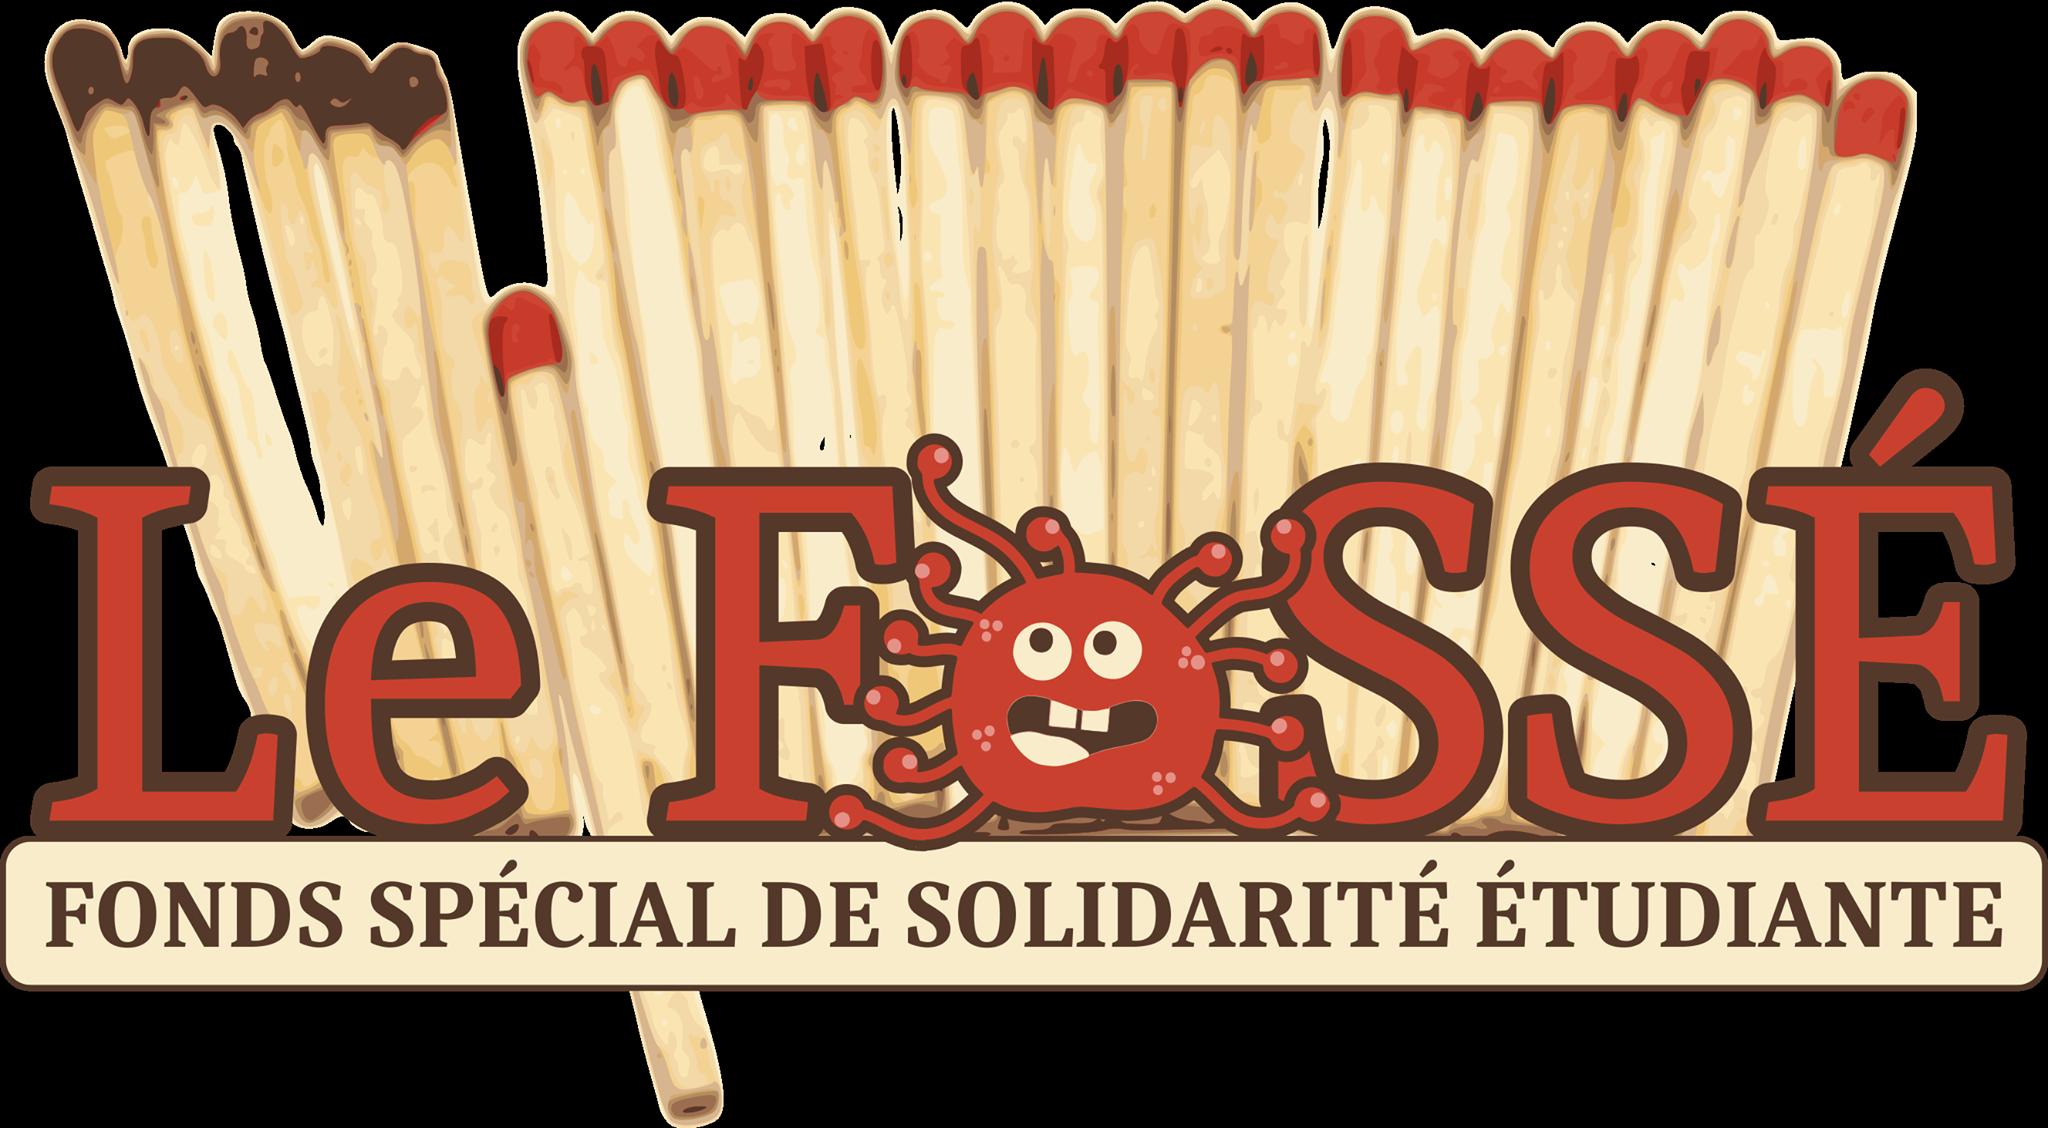 FOSSÉ - Fonds Spécial de Solidarité Étudiante